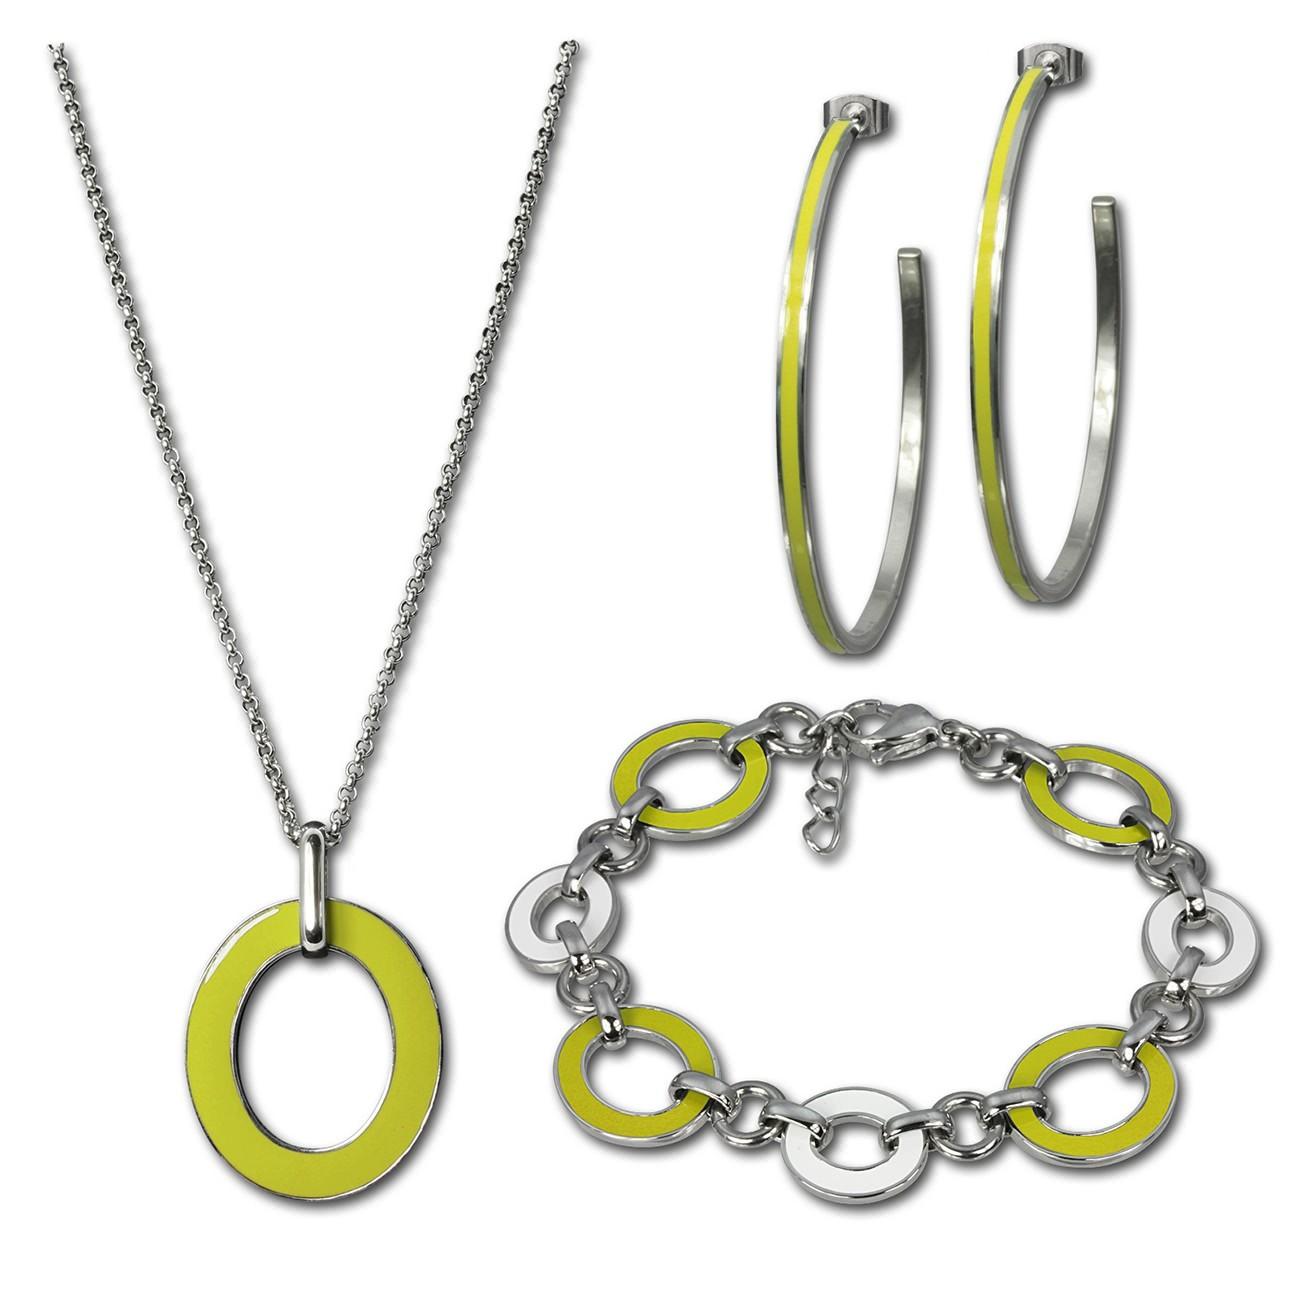 Amello Edelstahlschmuckset Emaille gelb Armband, Ohrringe, Kette ESSG02Y